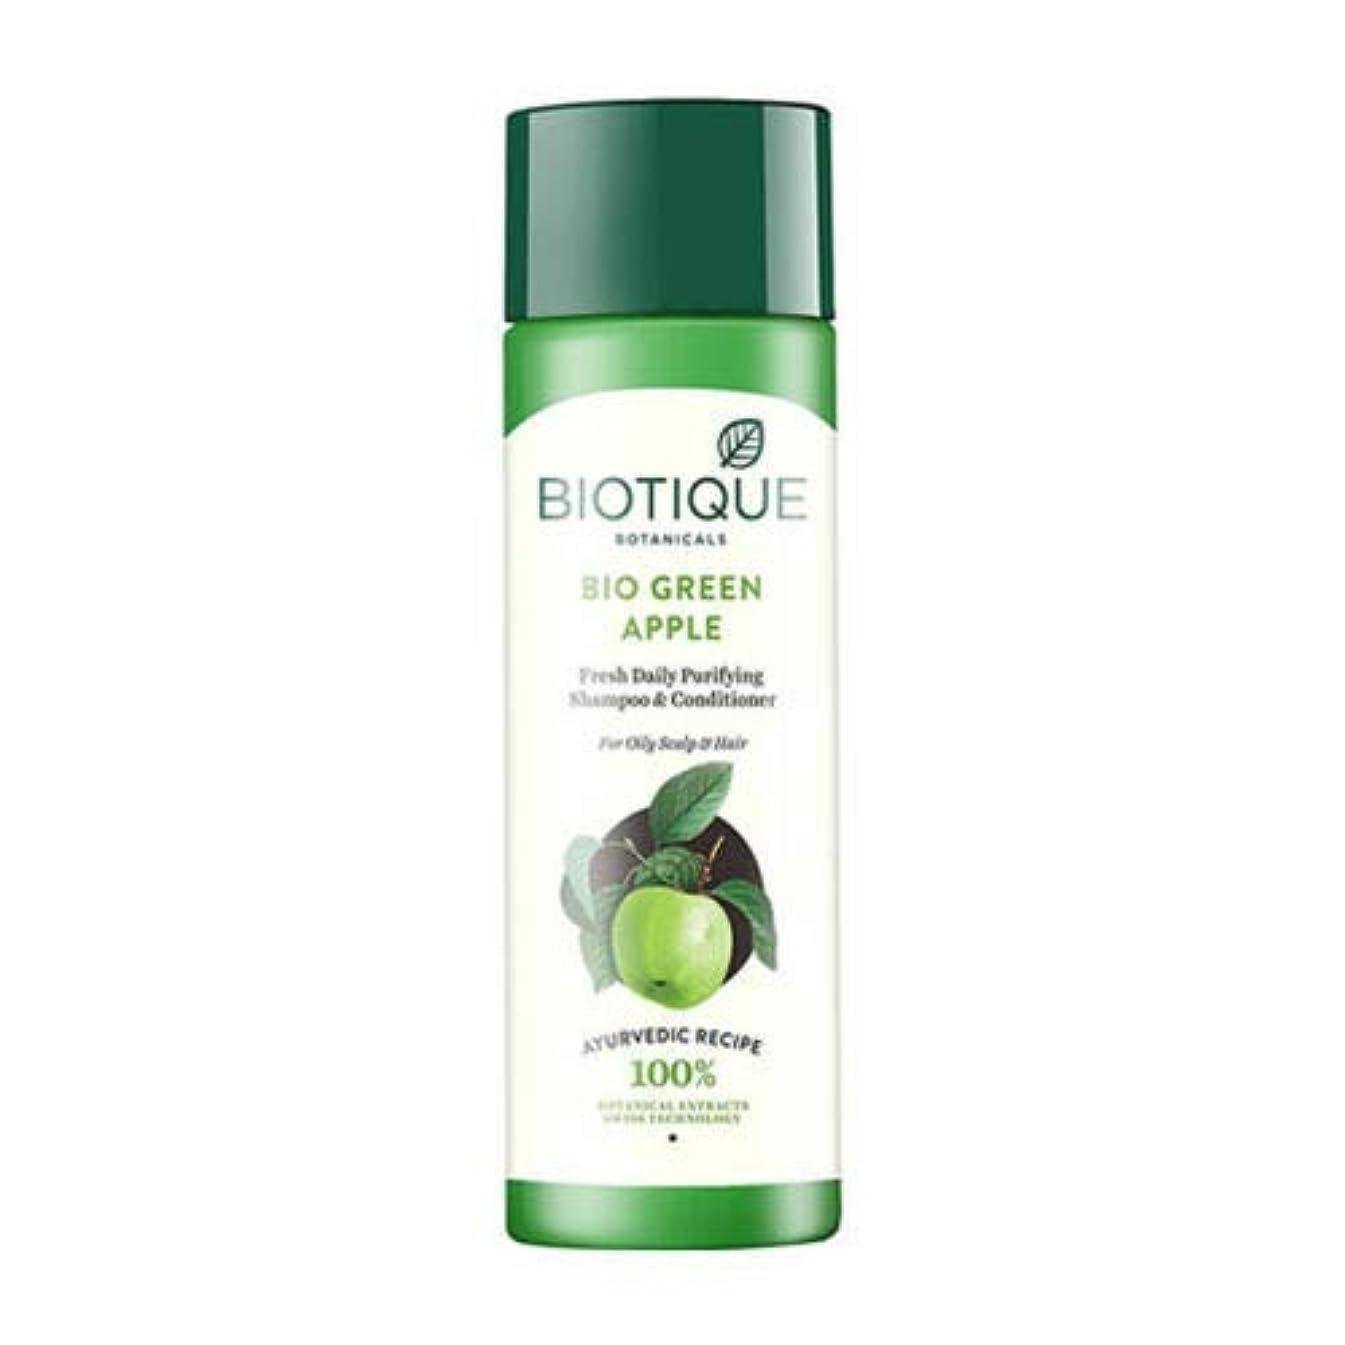 アジア持参ブルBiotique Fresh Daily Purifying Shampoo & Conditioner - Bio Green Apple (190 ml) Biotiqueフレッシュデイリーピュリファイングシャンプー...